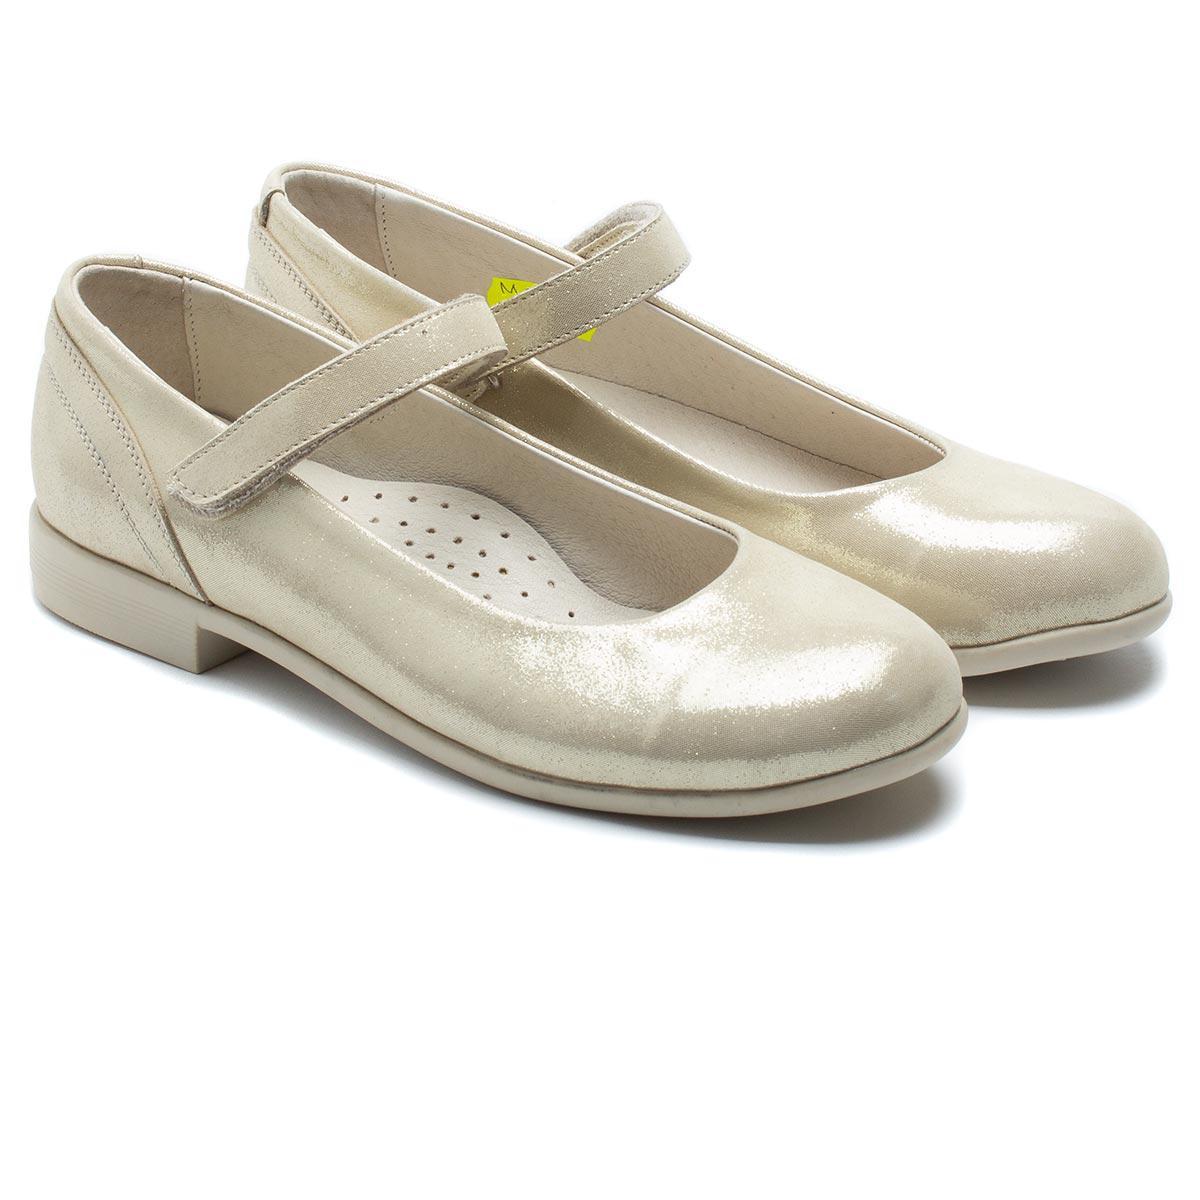 Кожаные туфли - лодочки FS Сollection для девочки, размер 32